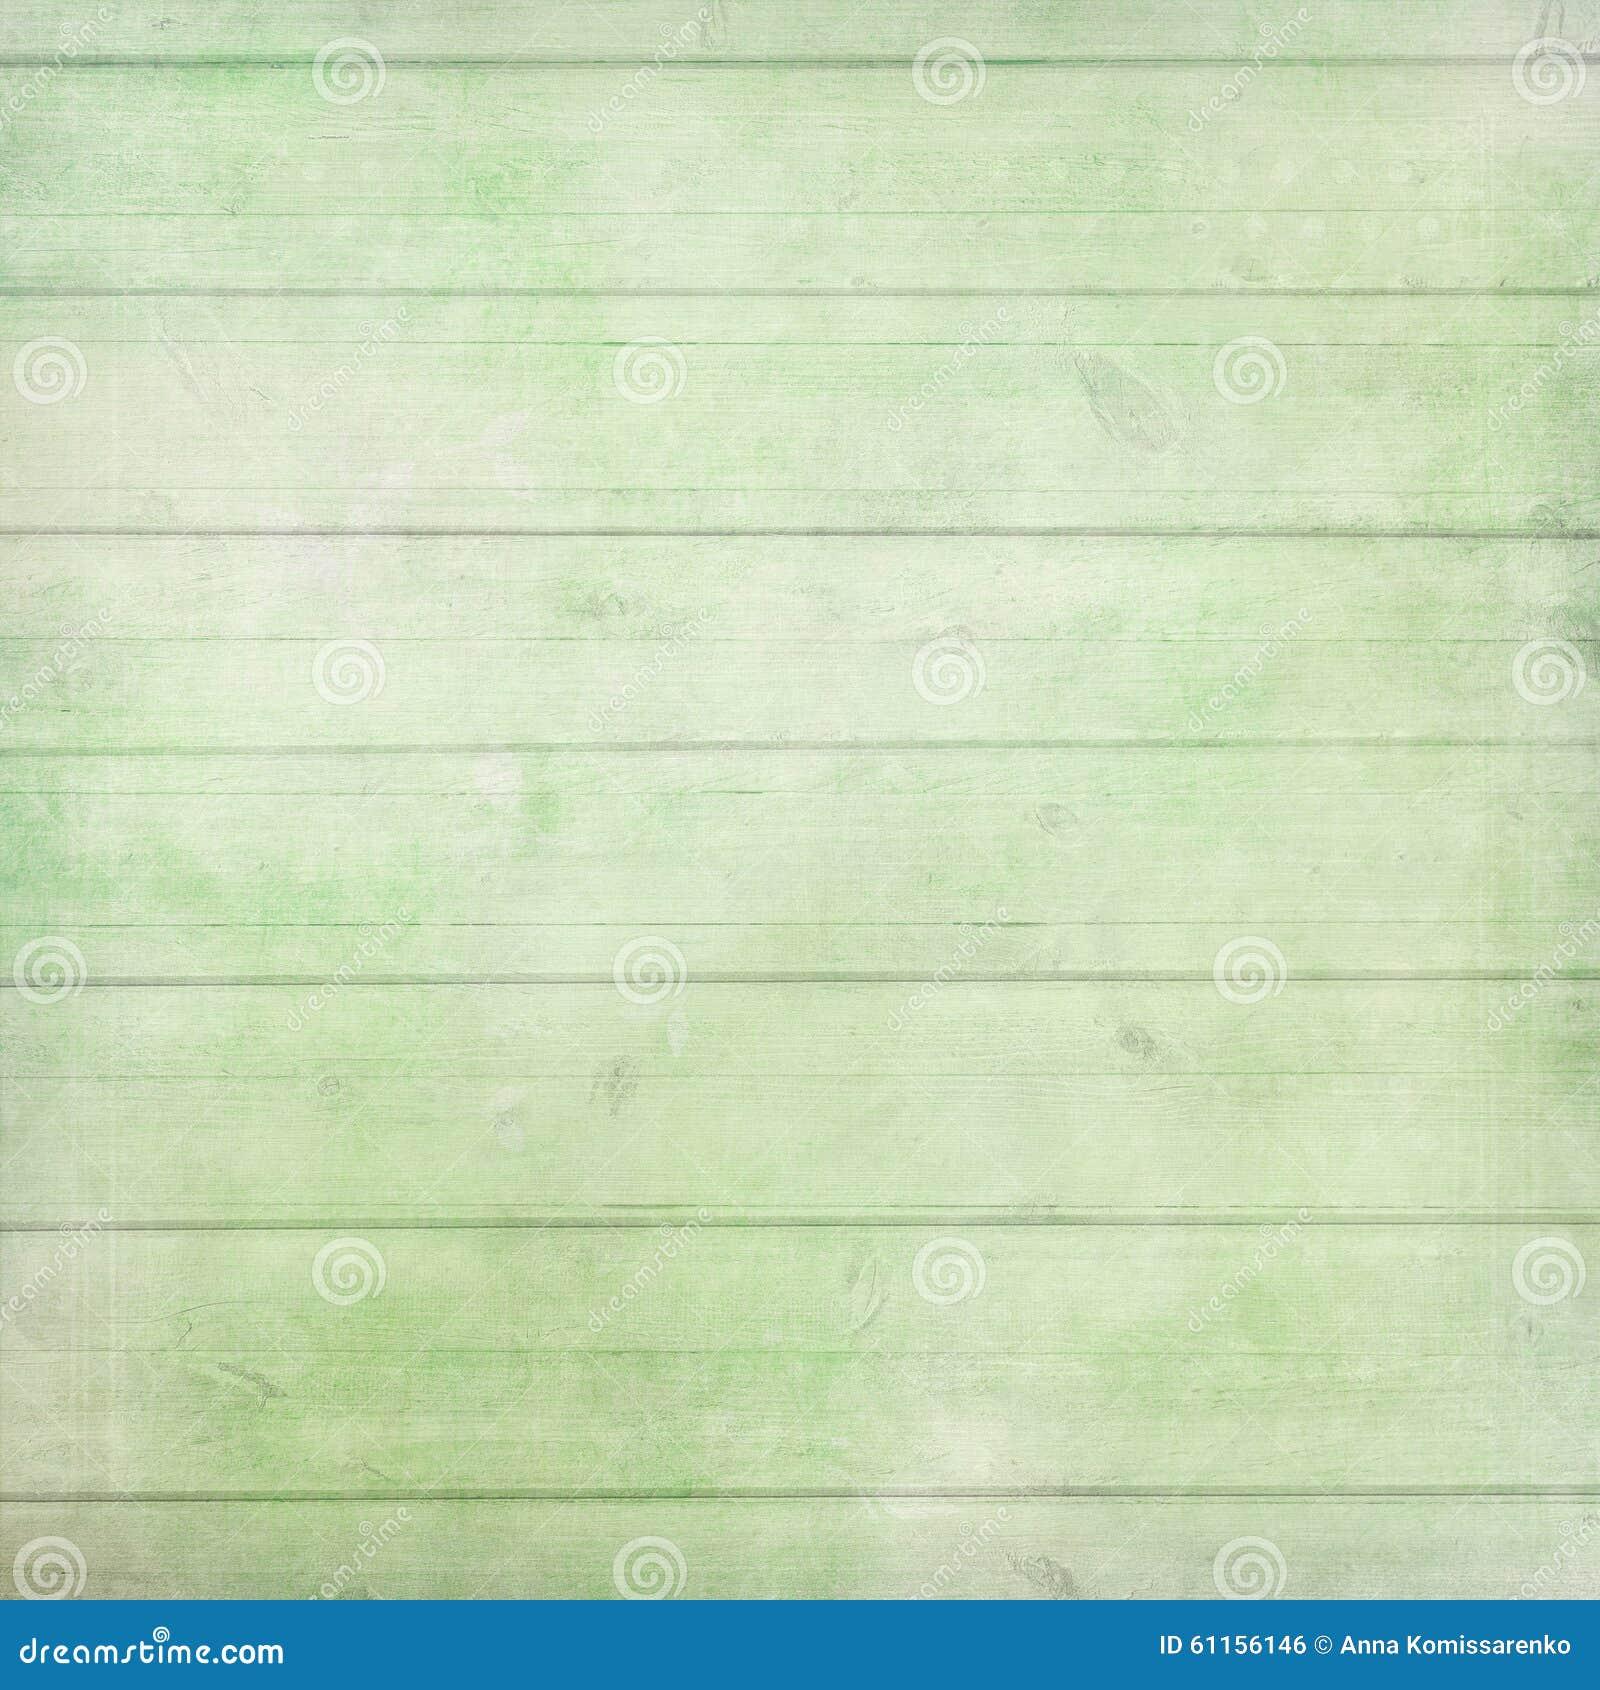 Mint Green Wood Paint